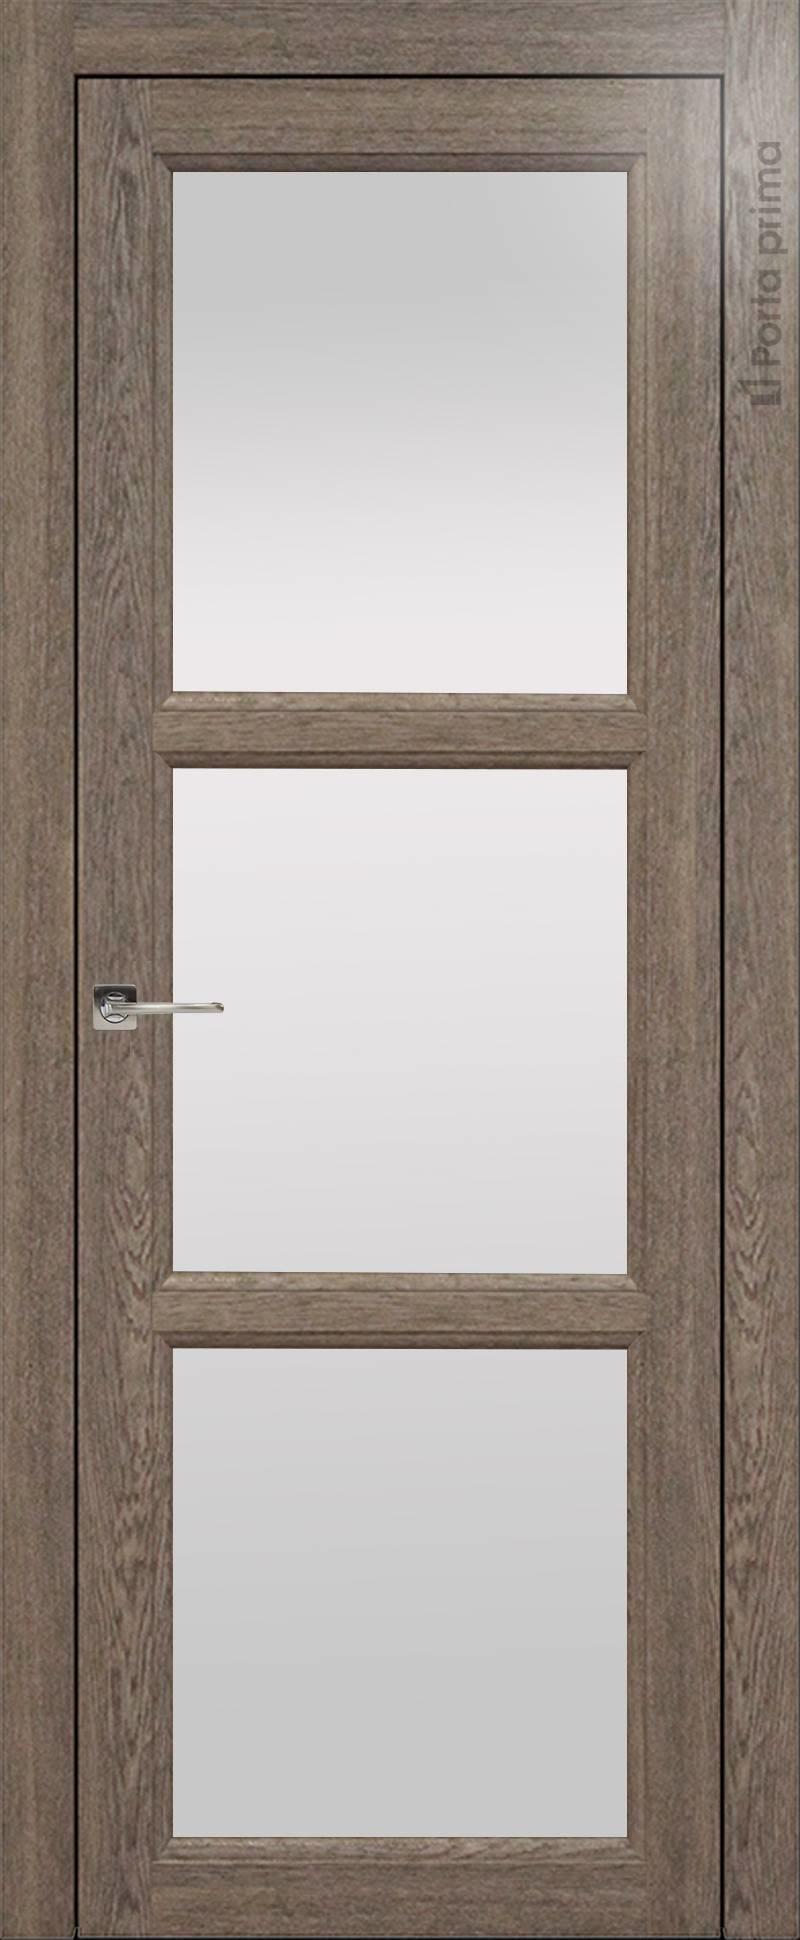 Sorrento-R В2 цвет - Дуб антик Со стеклом (ДО)